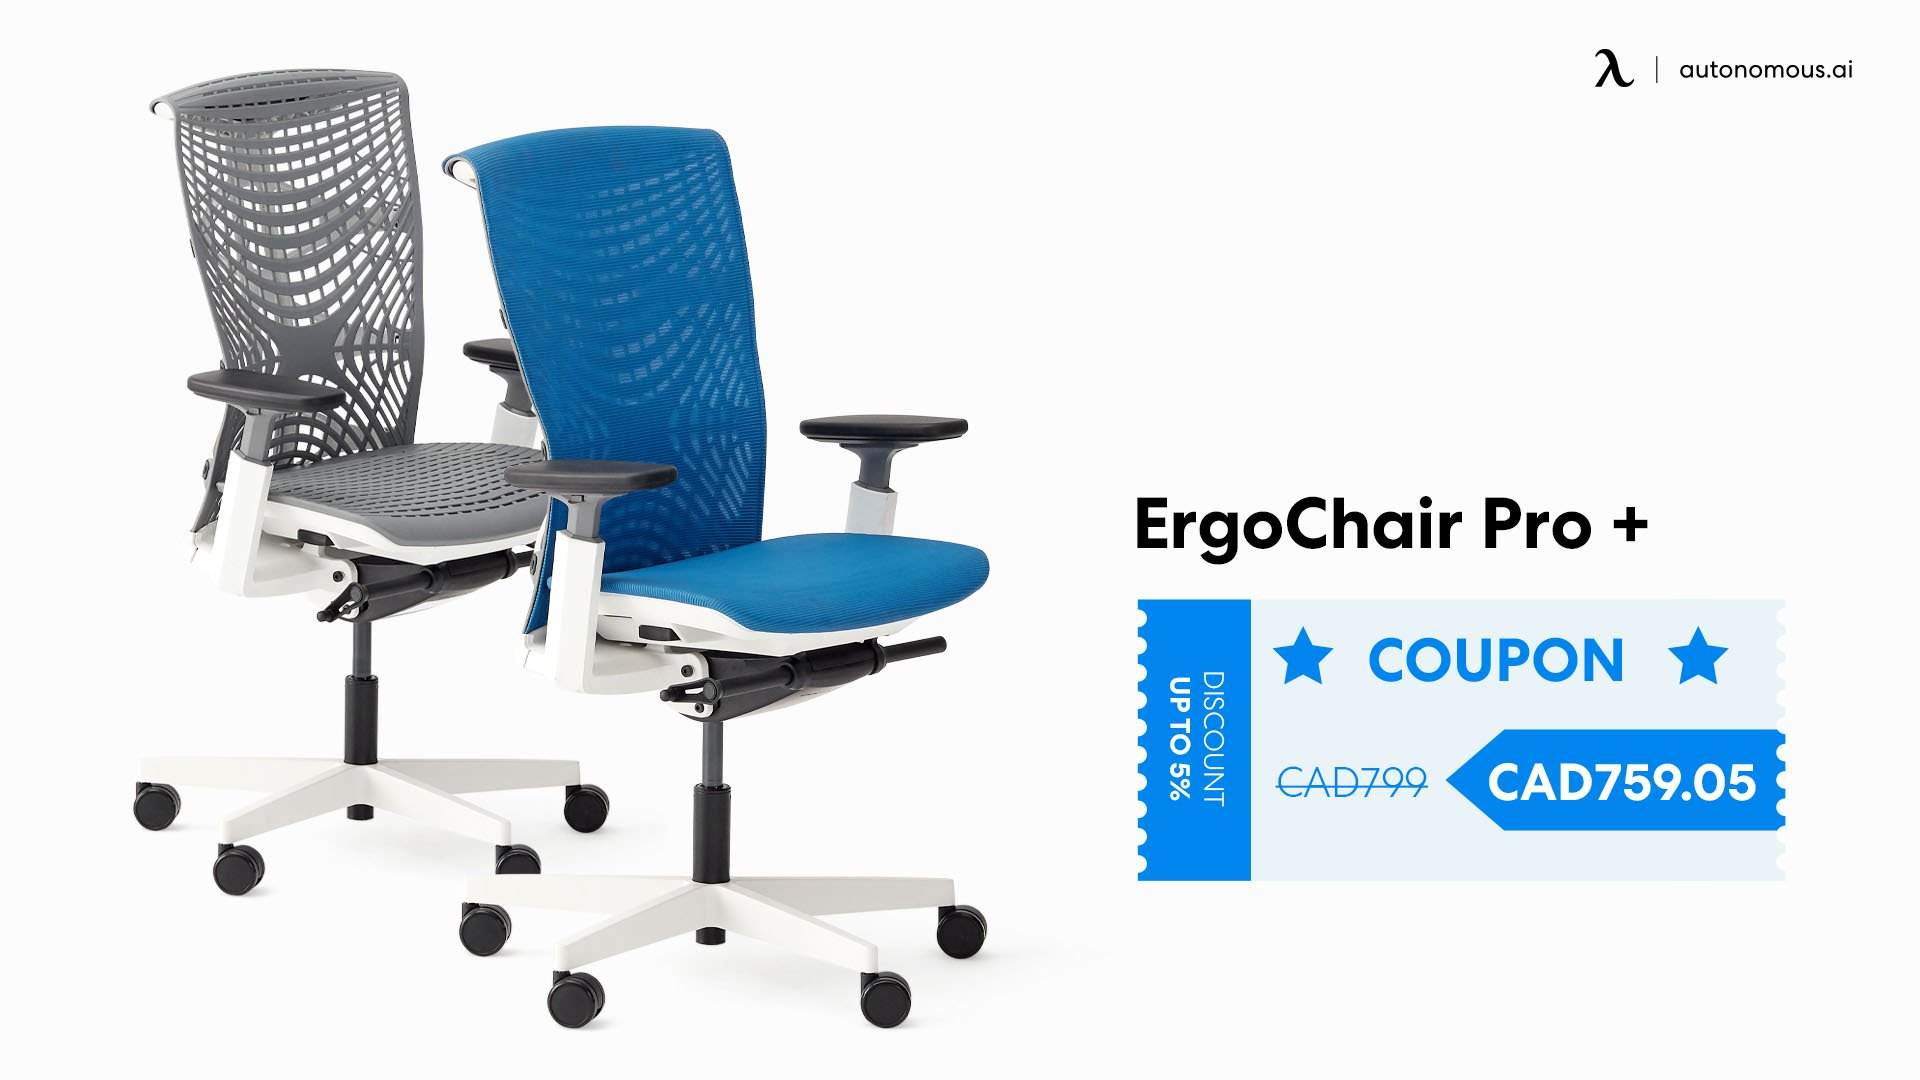 ErgoChair Pro +